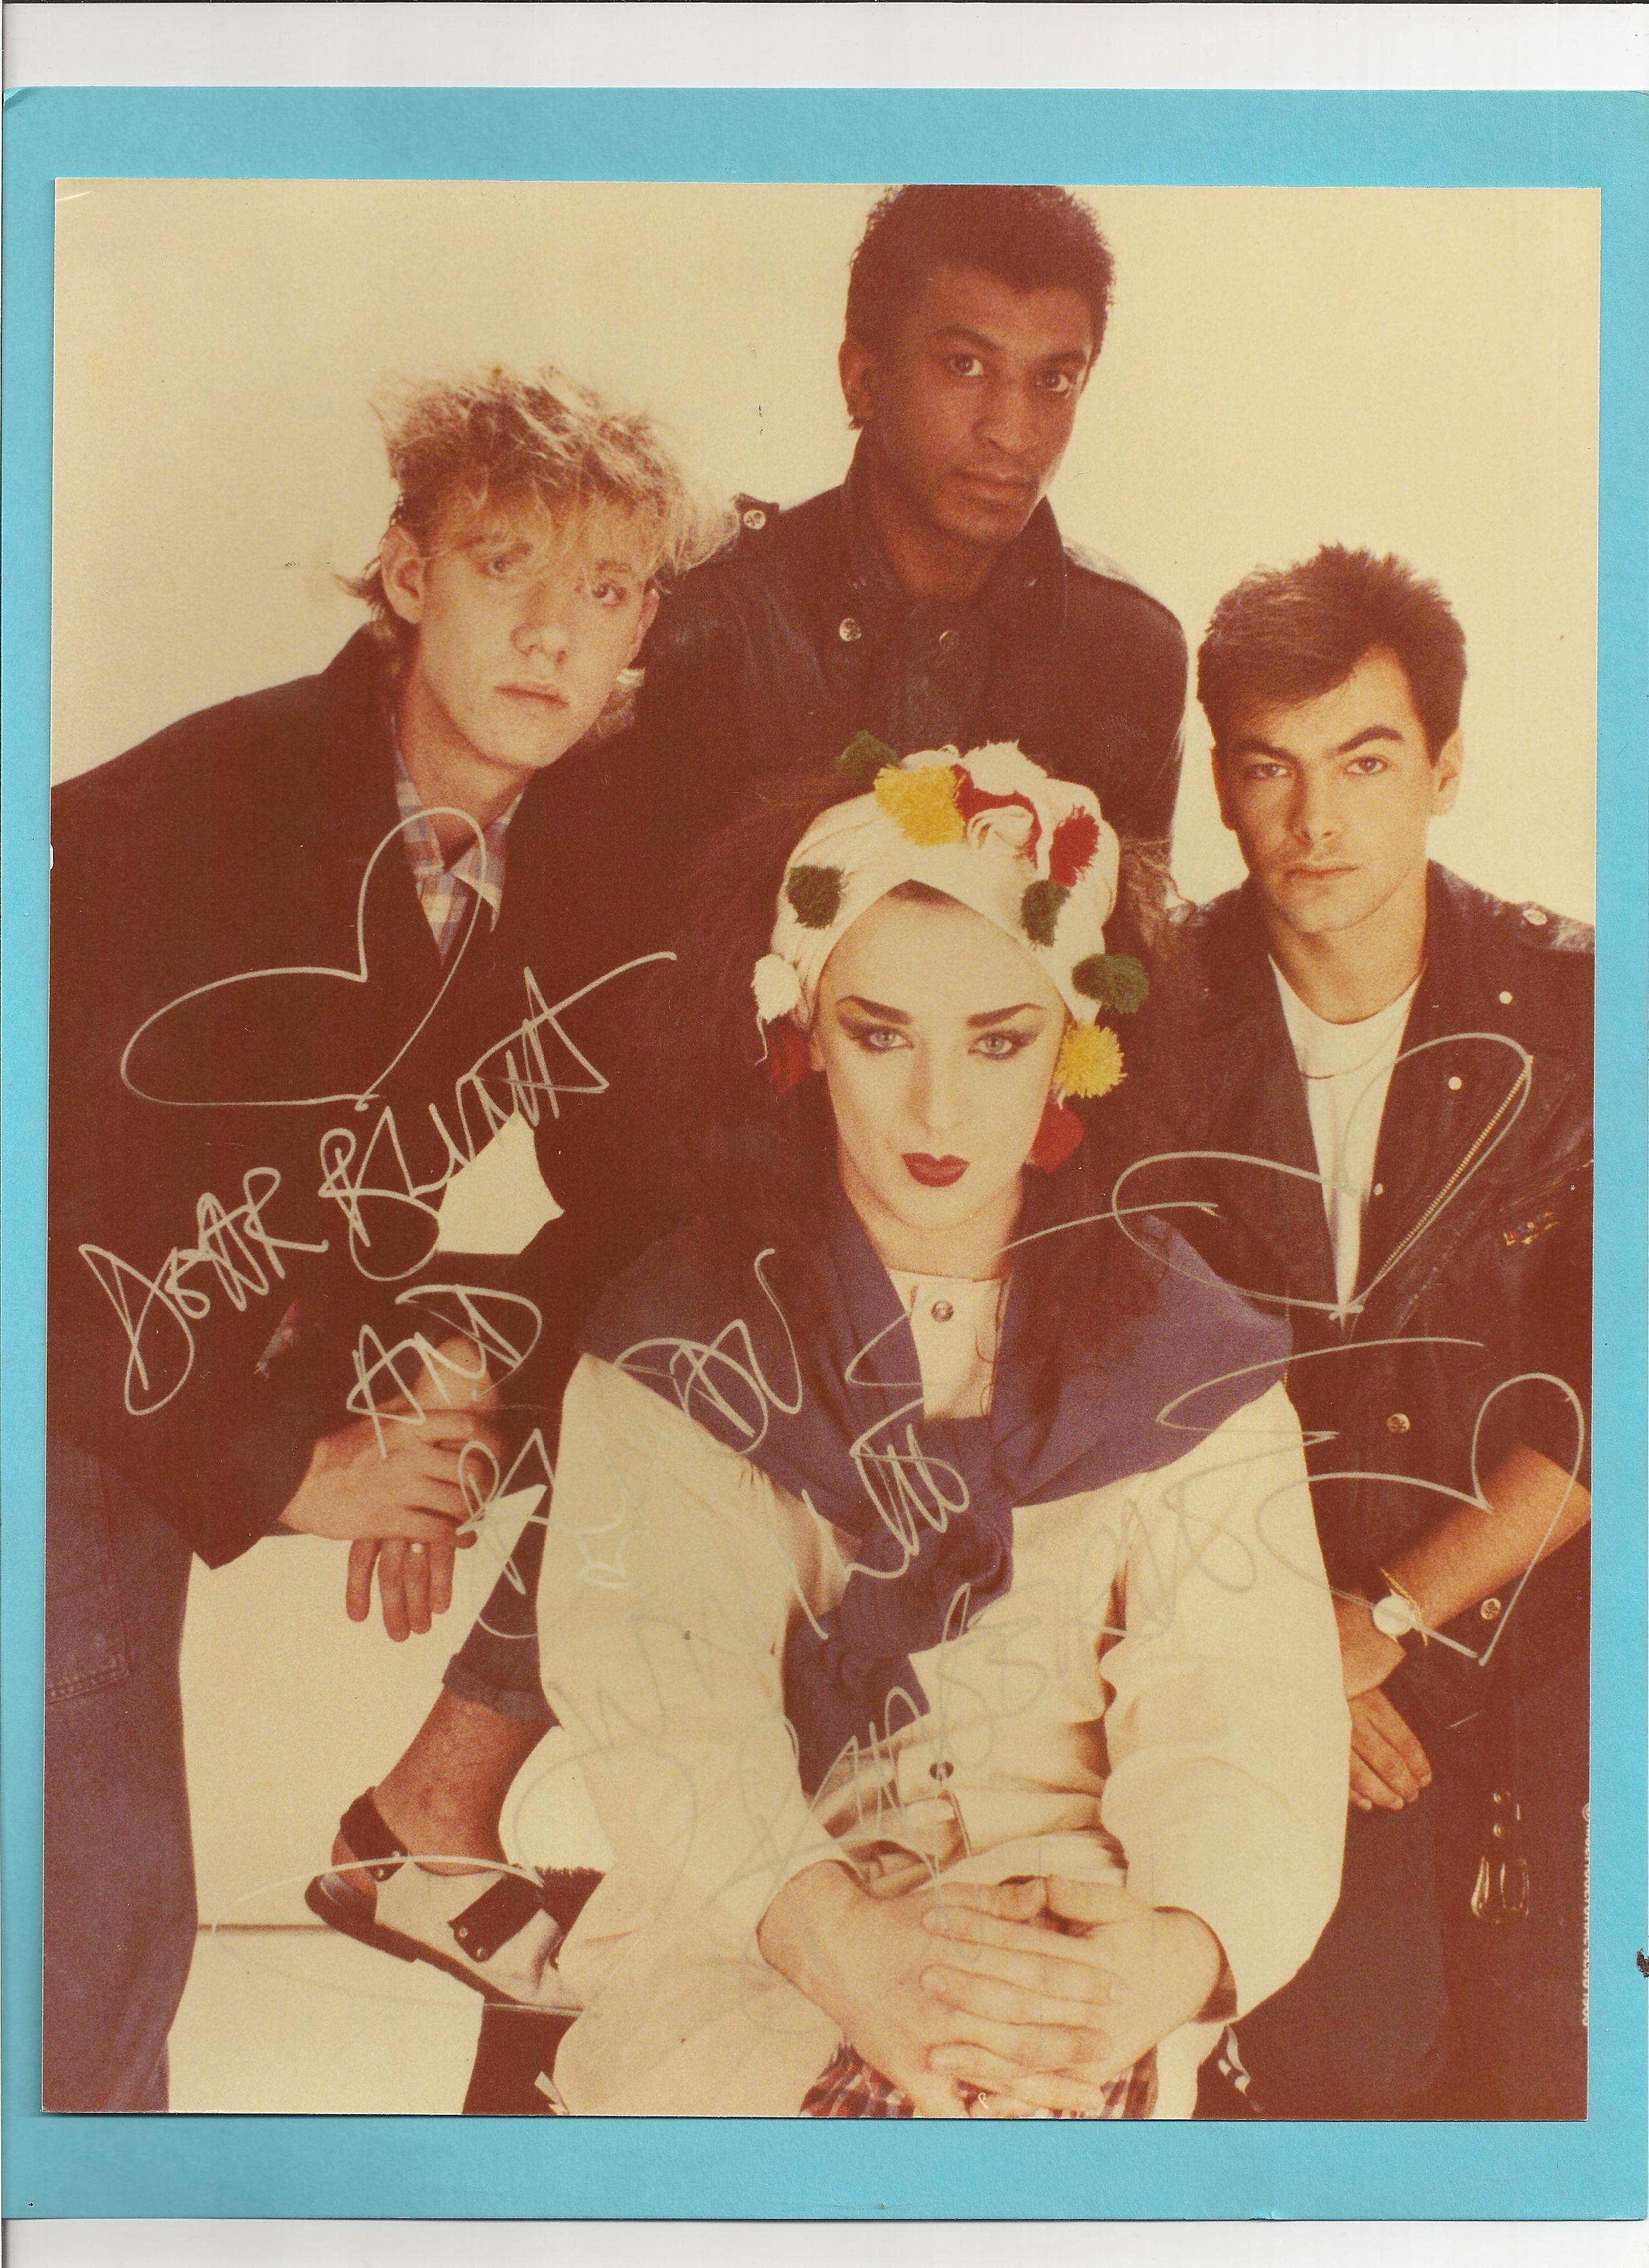 Culture+Club+-+Boy+George.jpeg